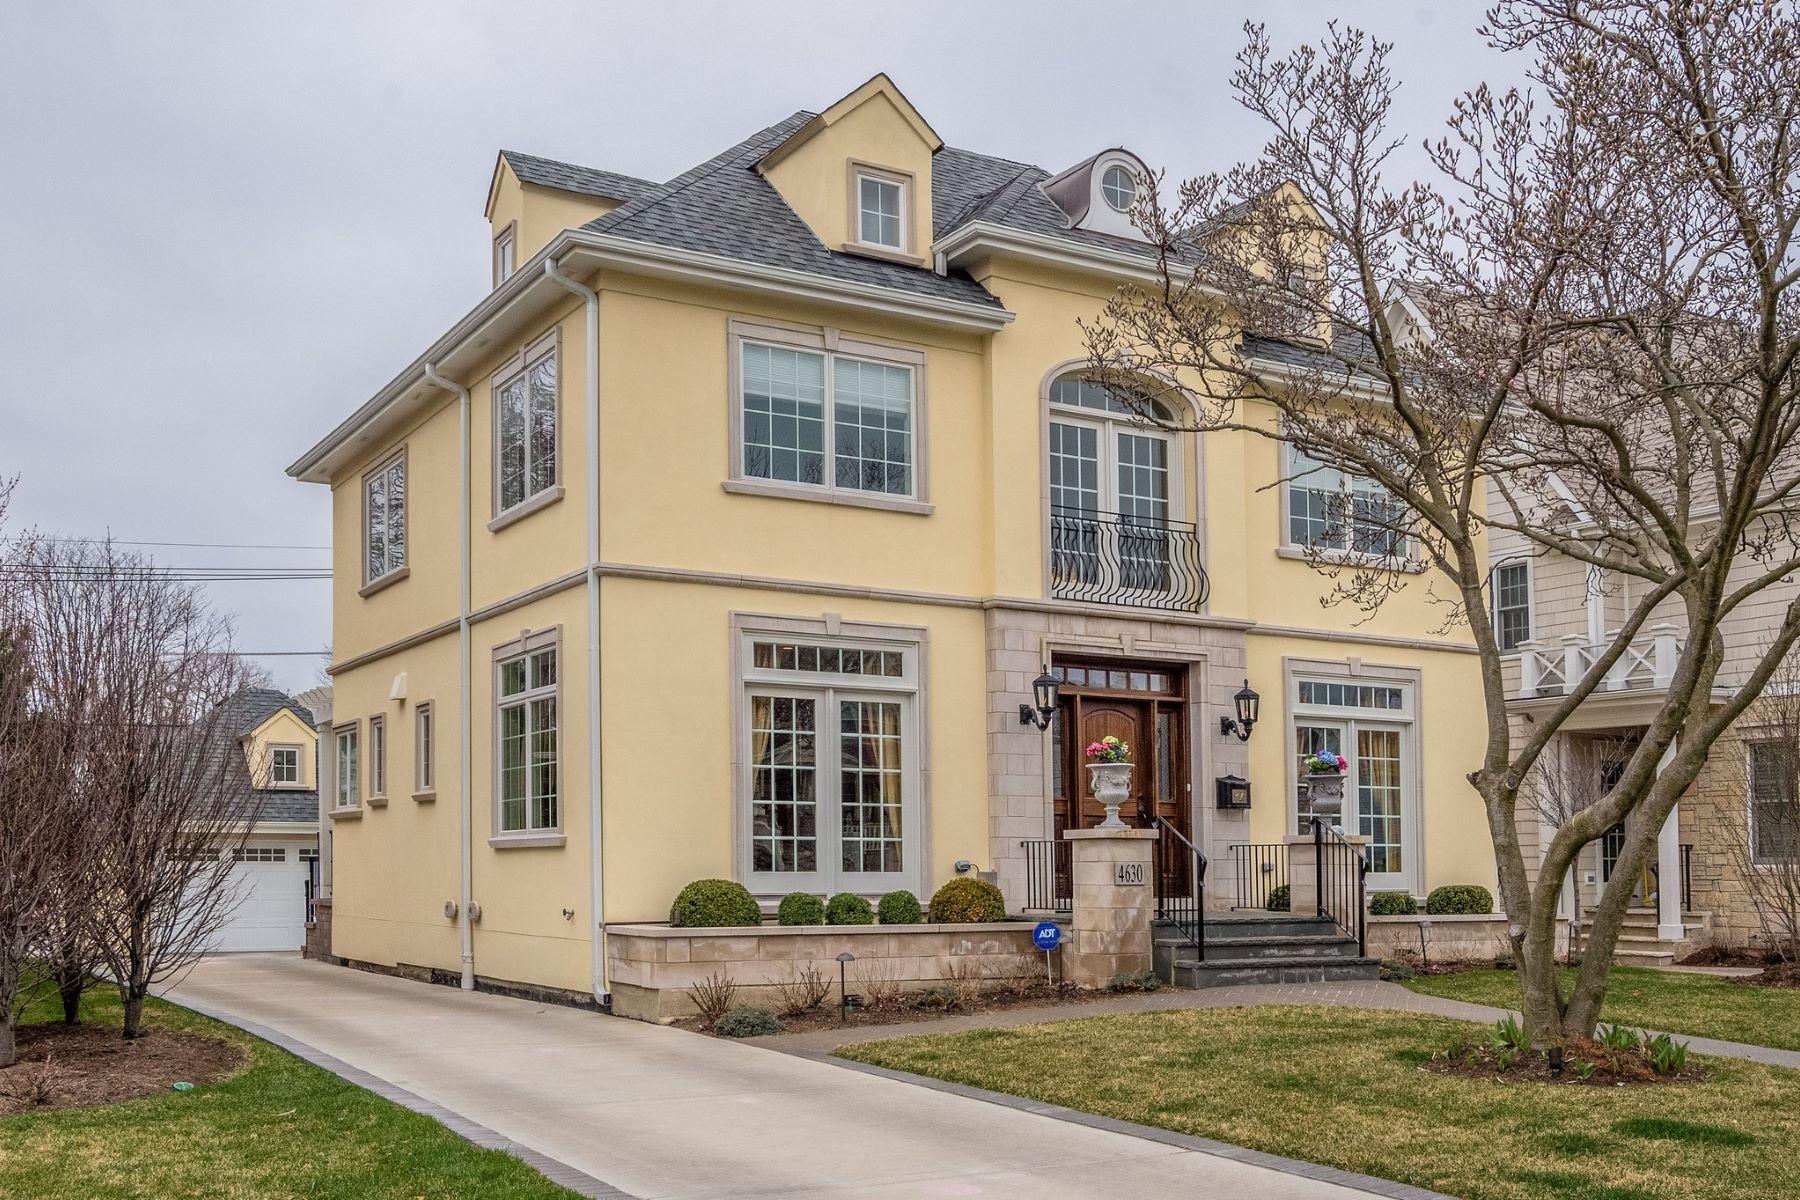 Villa per Vendita alle ore 4630 Franklin Western Springs, Illinois, 60558 Stati Uniti